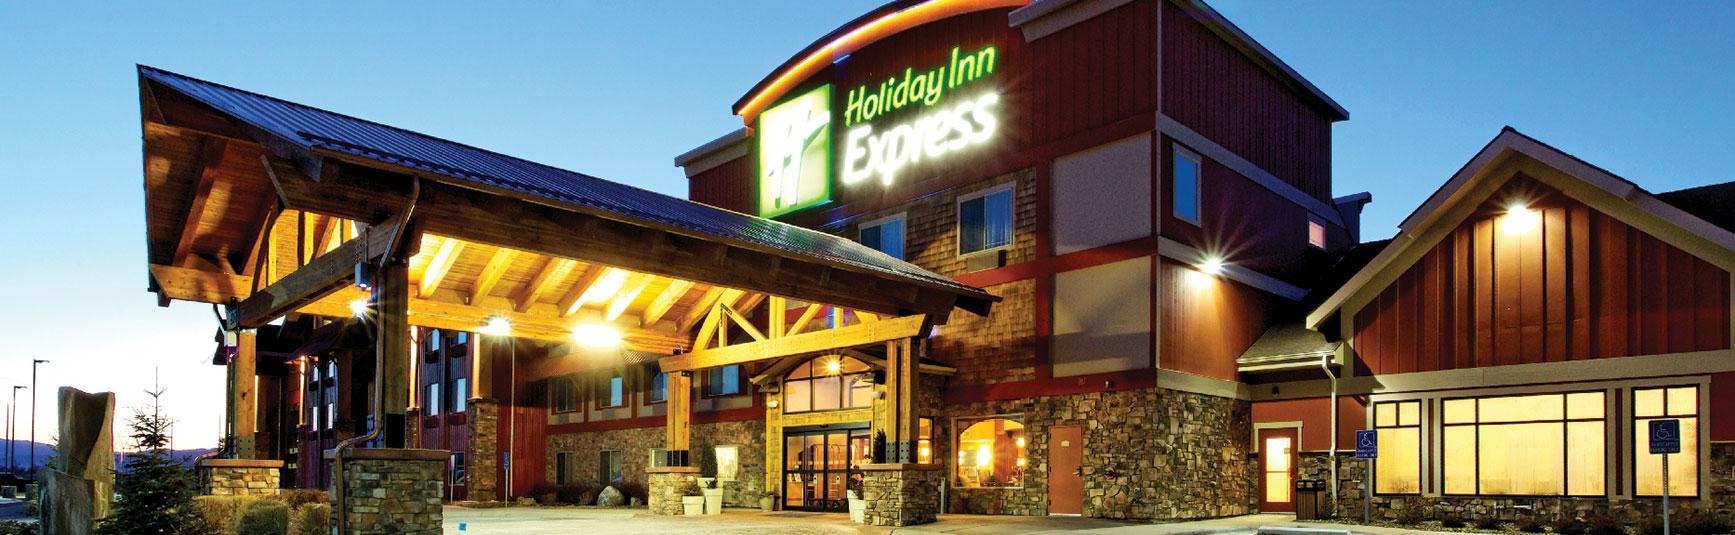 Holiday Inn Express – Kalispell